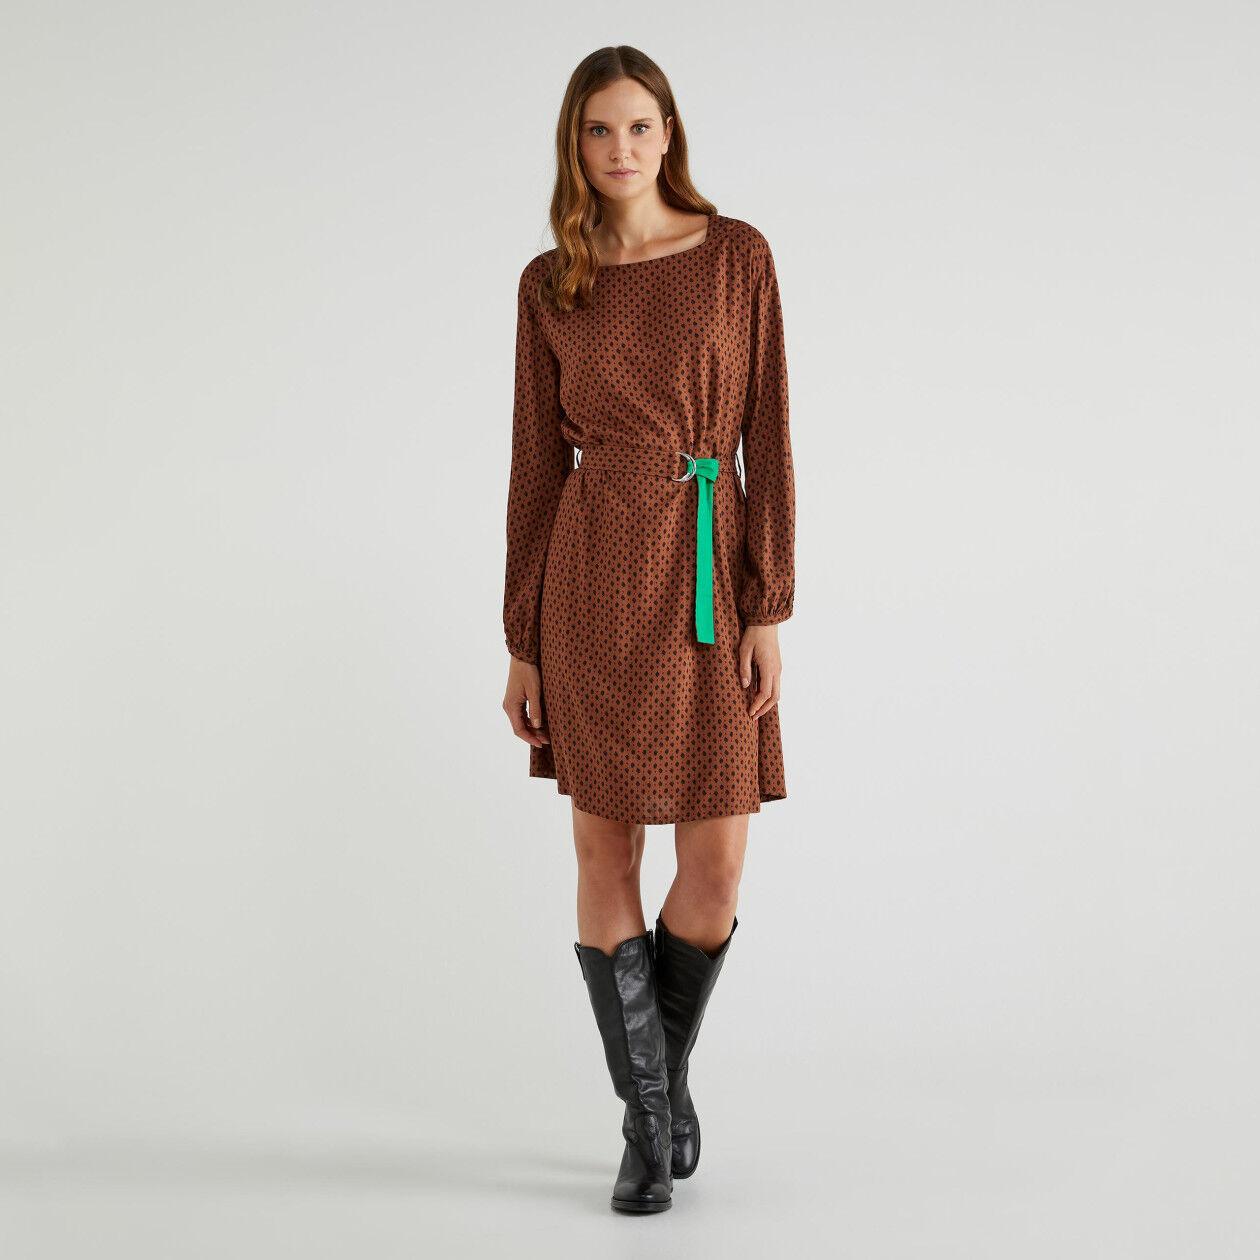 Φόρεμα με μανίκια μπαλούν